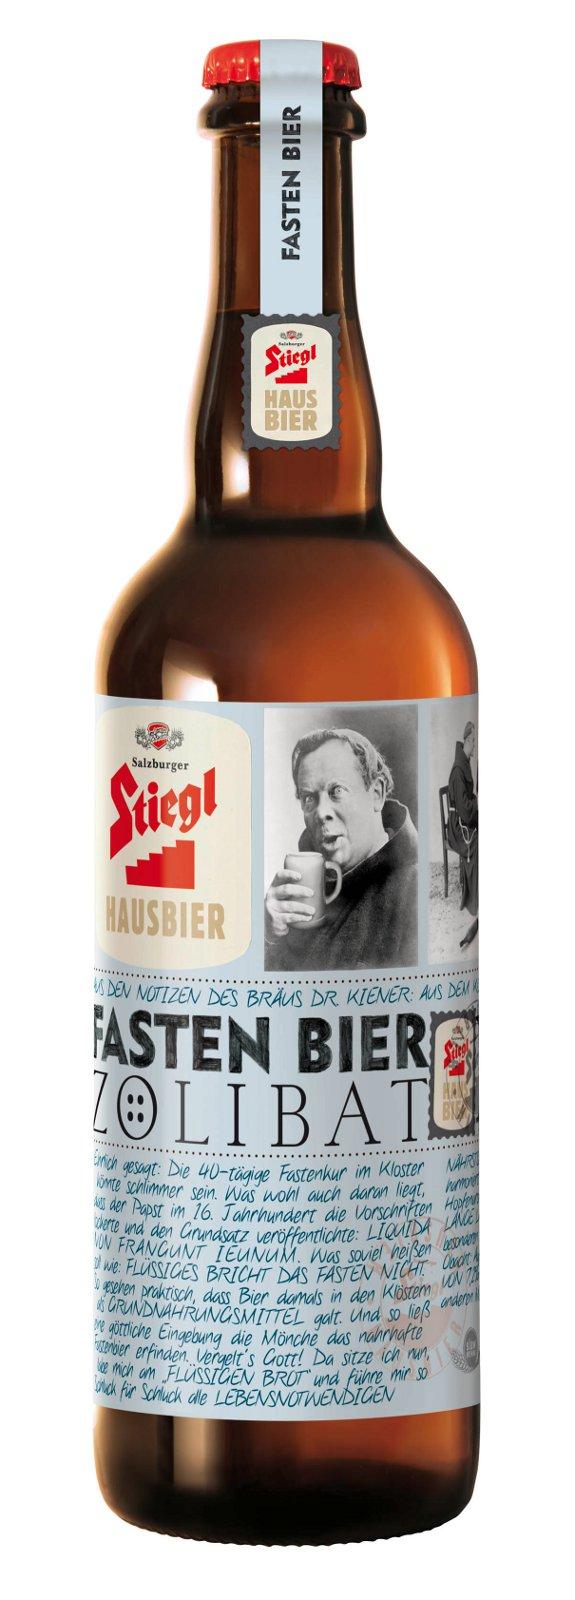 Zölibat Flasche von Stiegl